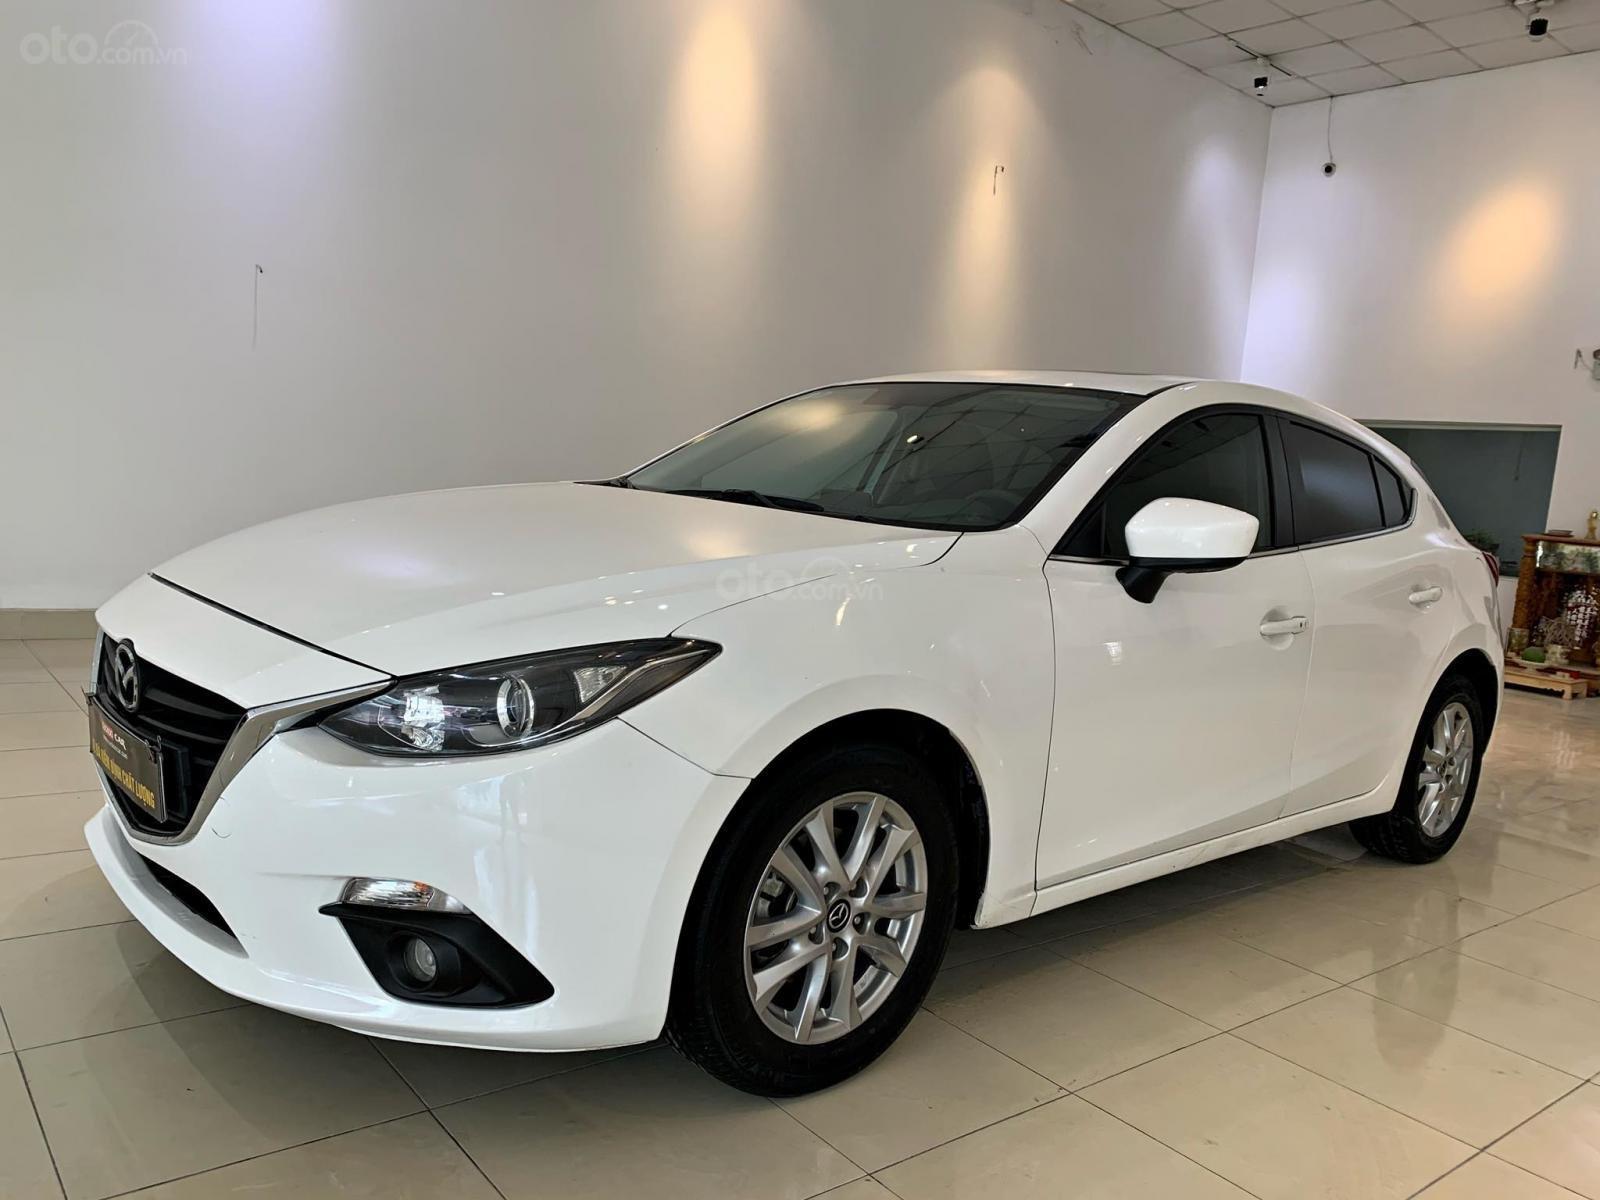 Bán nhanh với giá ưu đãi nhất chiếc Mazda 3 1.5AT sản xuất năm 2015, xe còn mới (3)